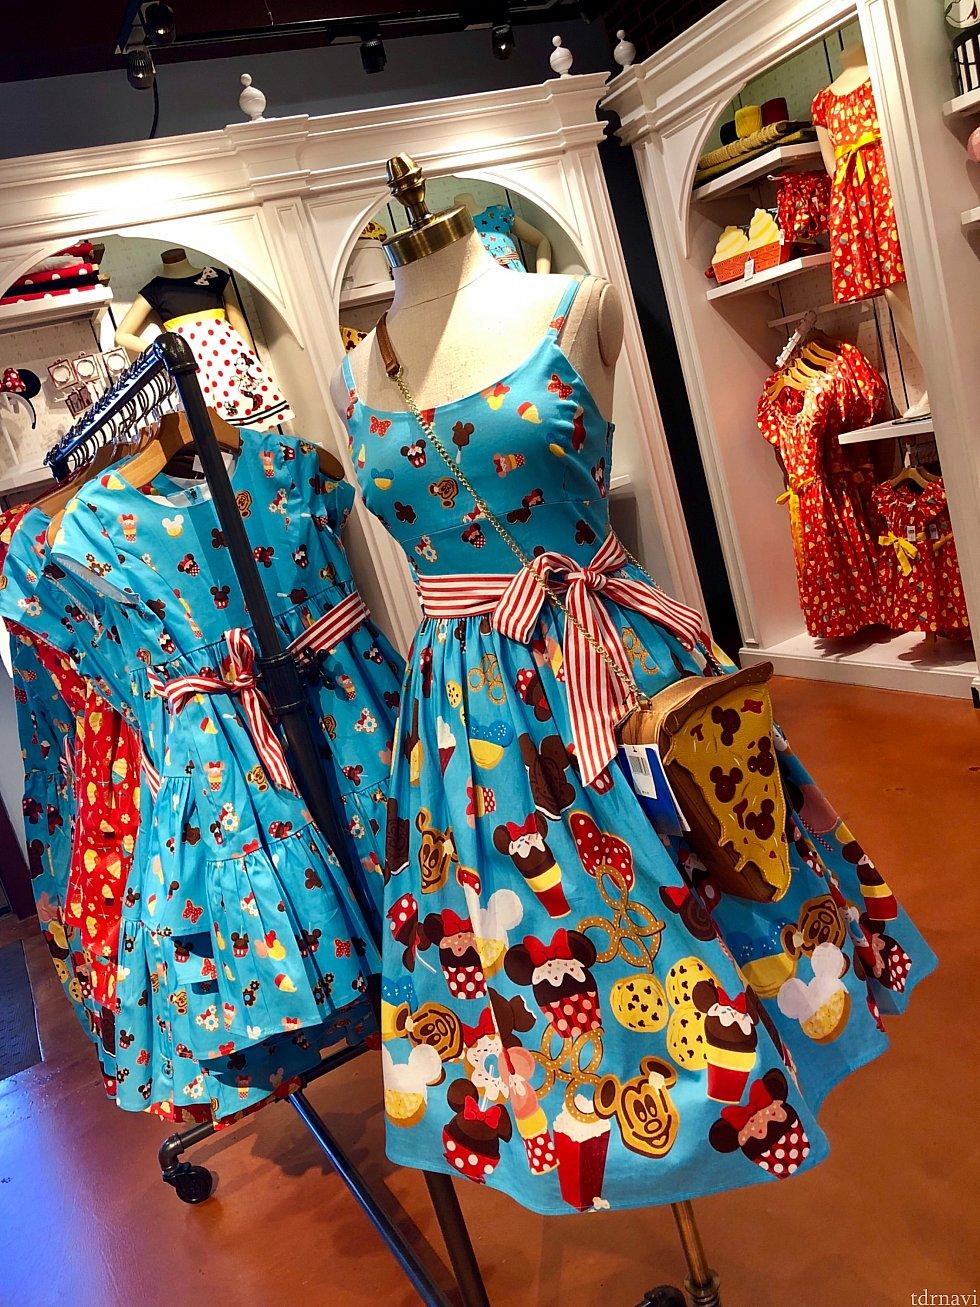 先ずはこのディズニーパークスイーツをモチーフにしたドレス。色合いもポップで良いですね!